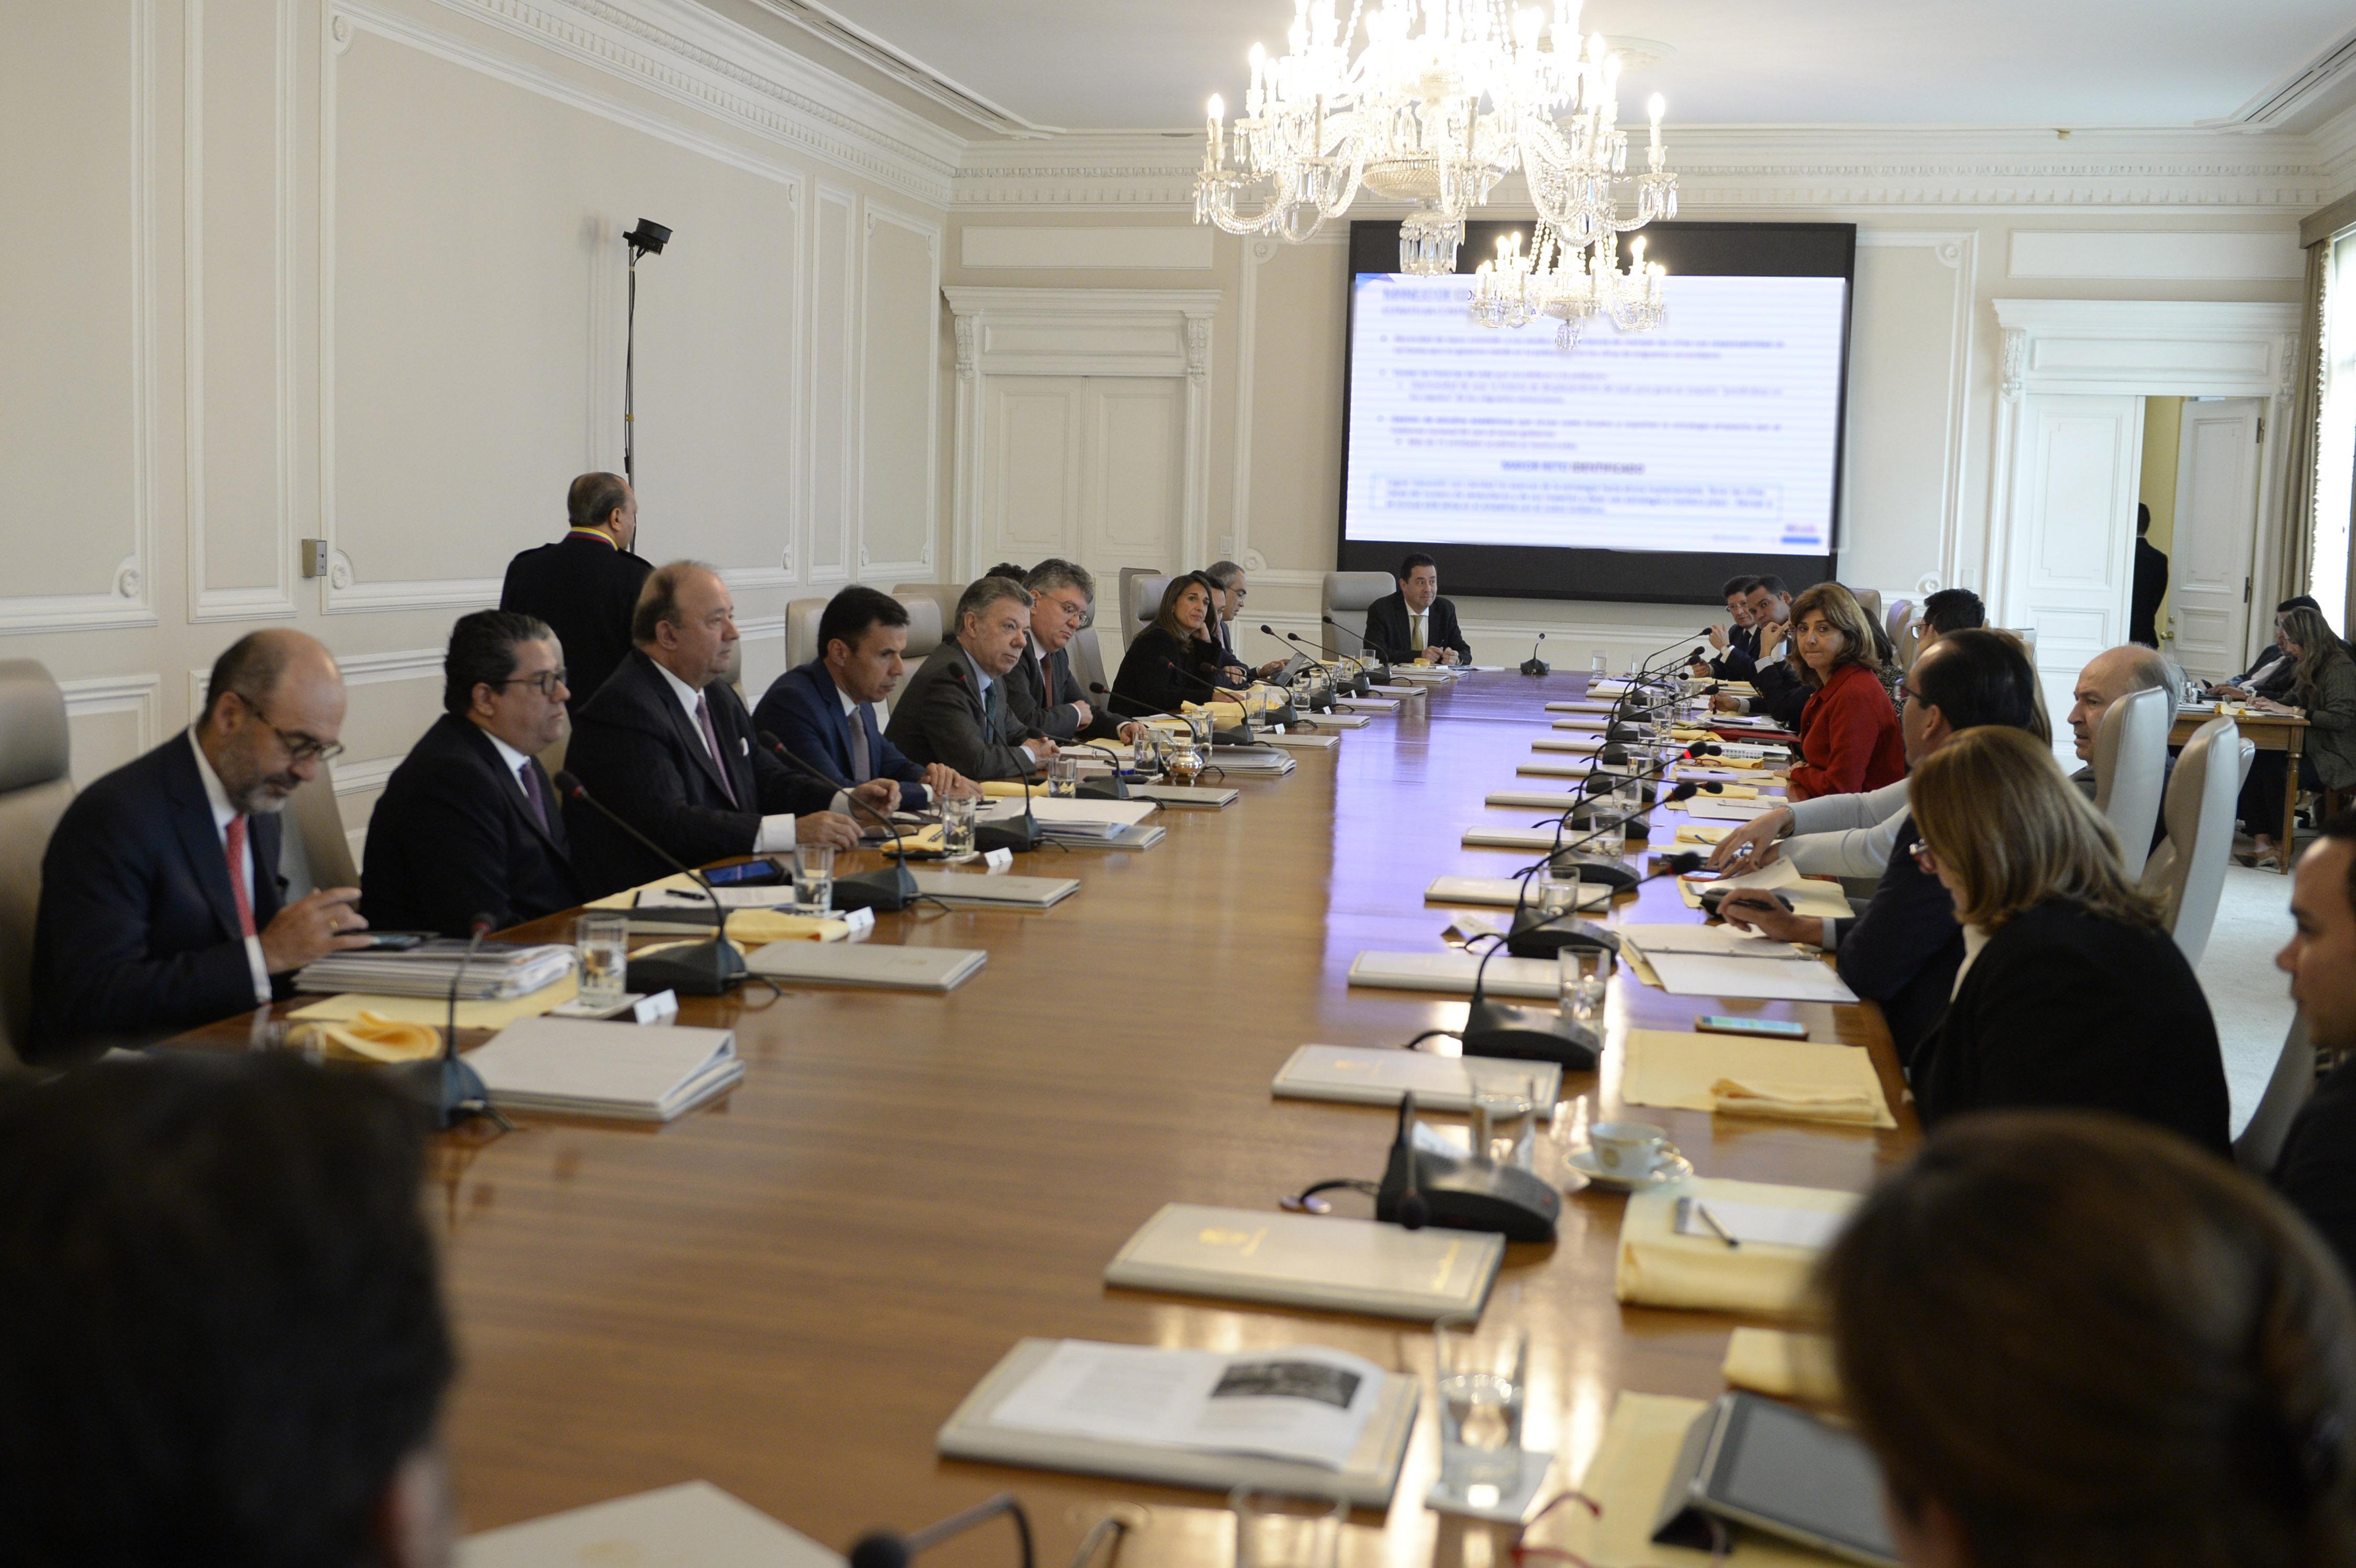 Contemporáneo Gobierno De Canadá Reanuda Consejos Elaboración ...